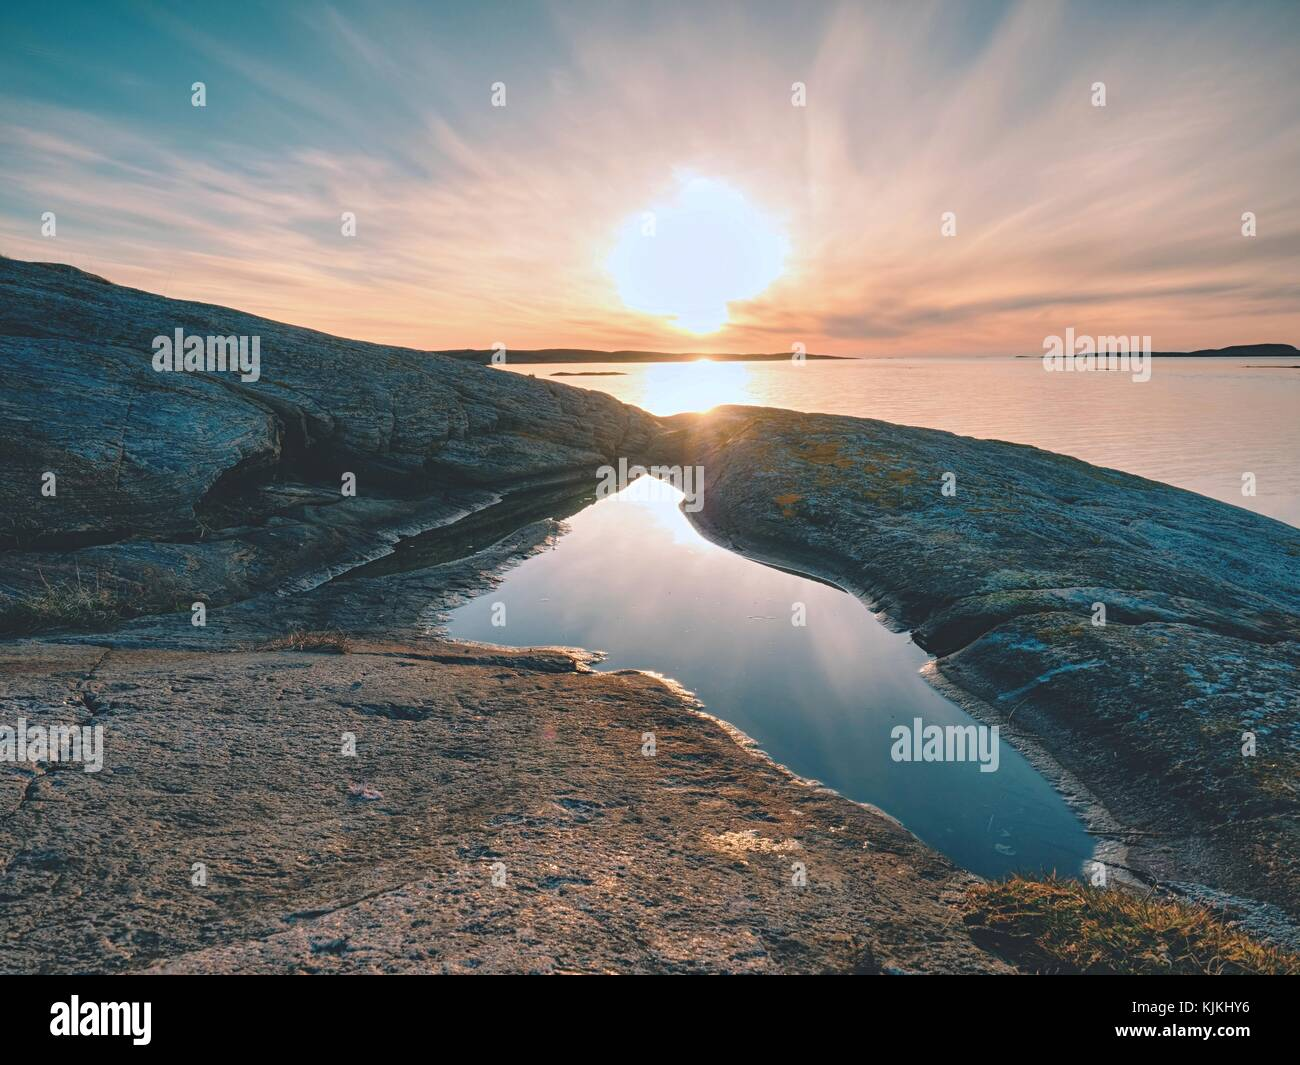 Concept de soleil ou de coucher de soleil paysage marin riche en arrière-plan avec la réflexion de l'eau Photo Stock